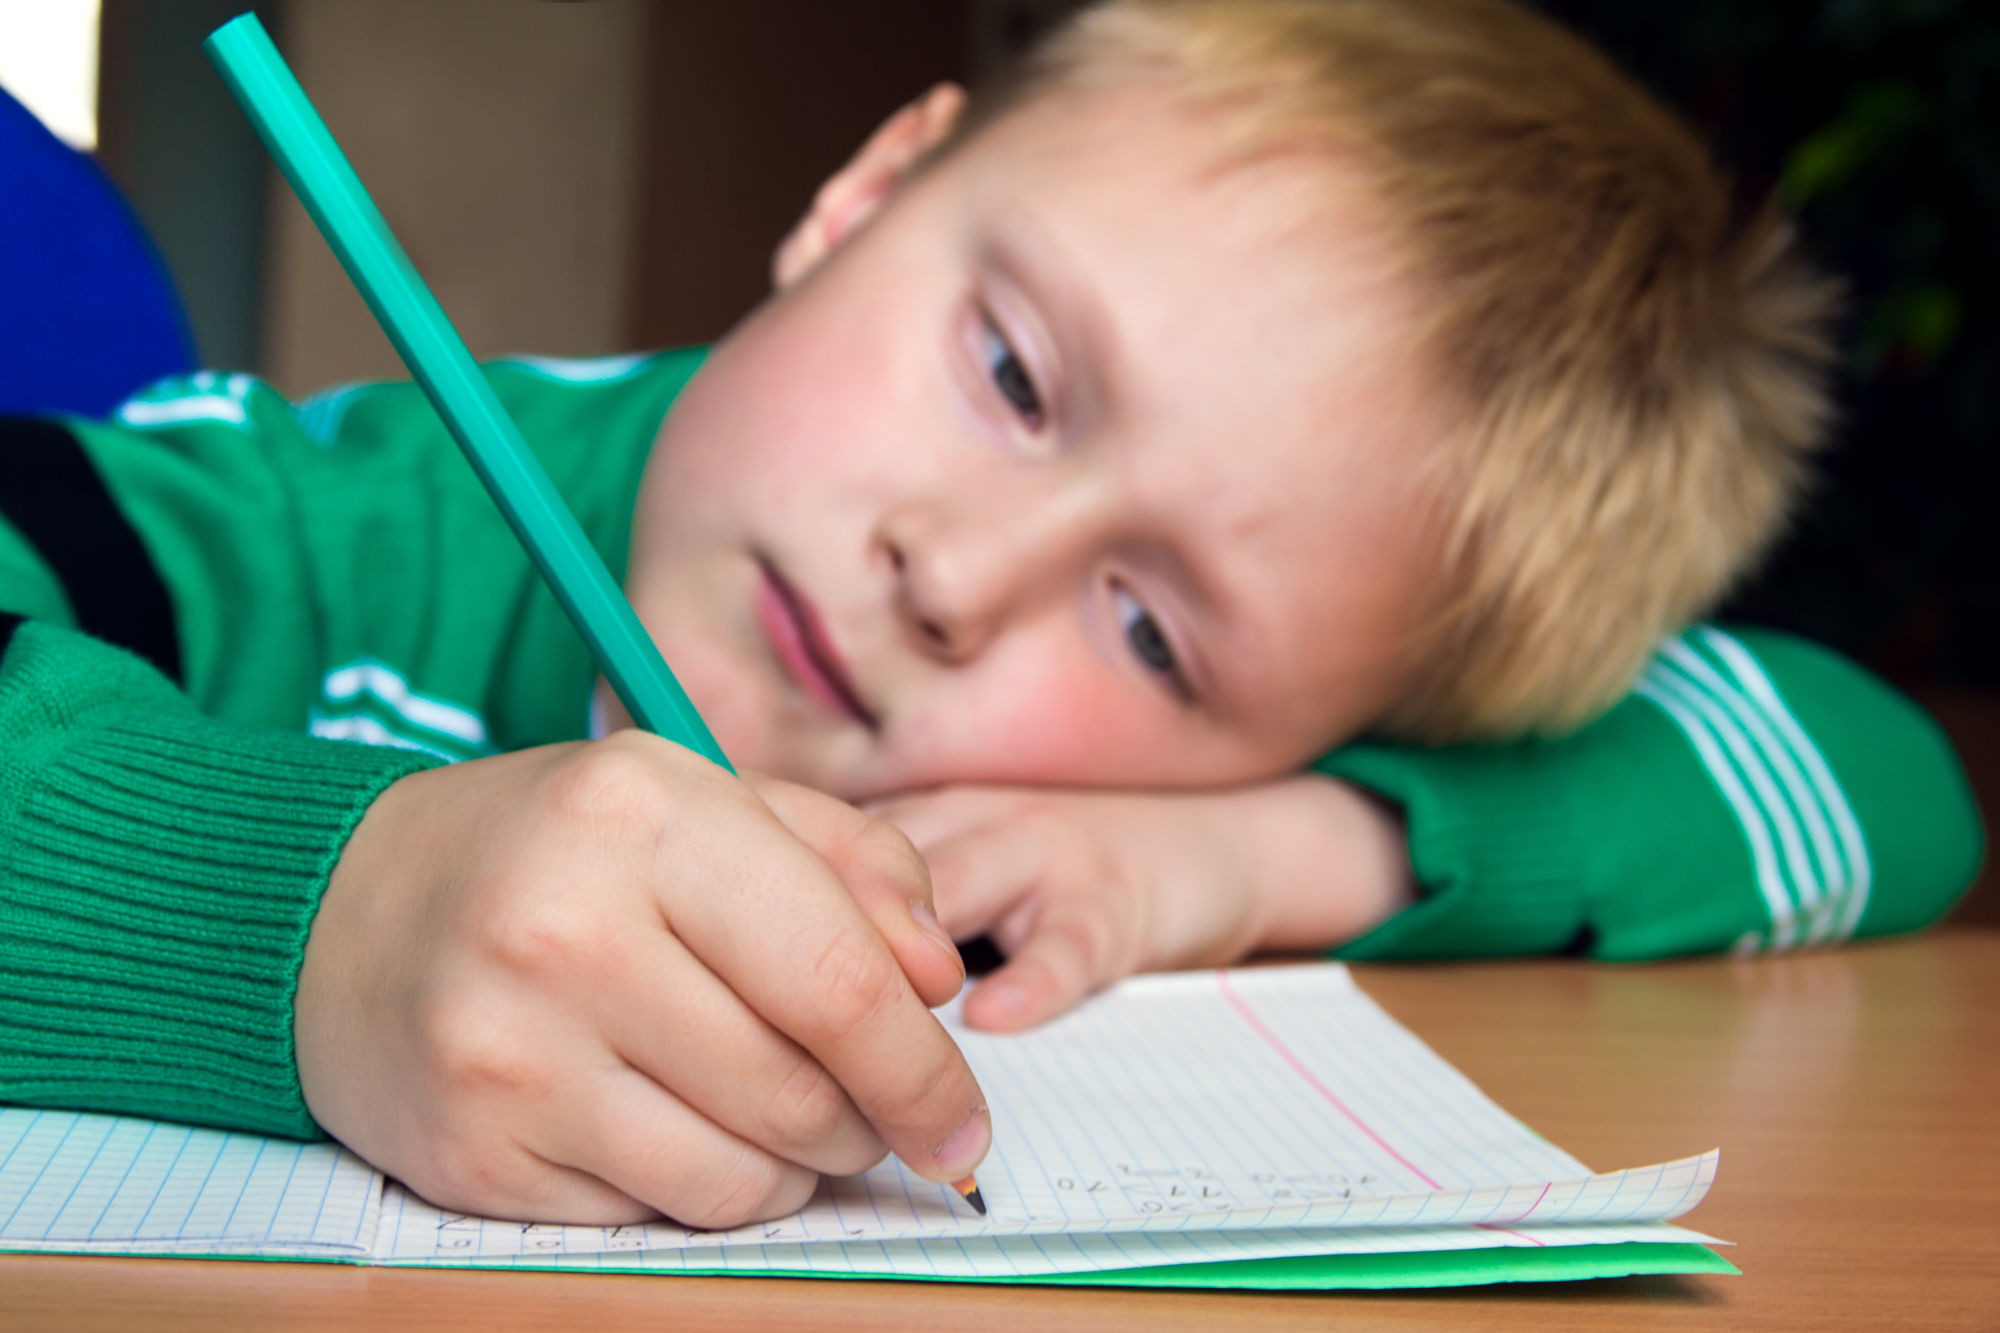 Rizikove dieta z hladiska poruch ucenia v predskolskom veku